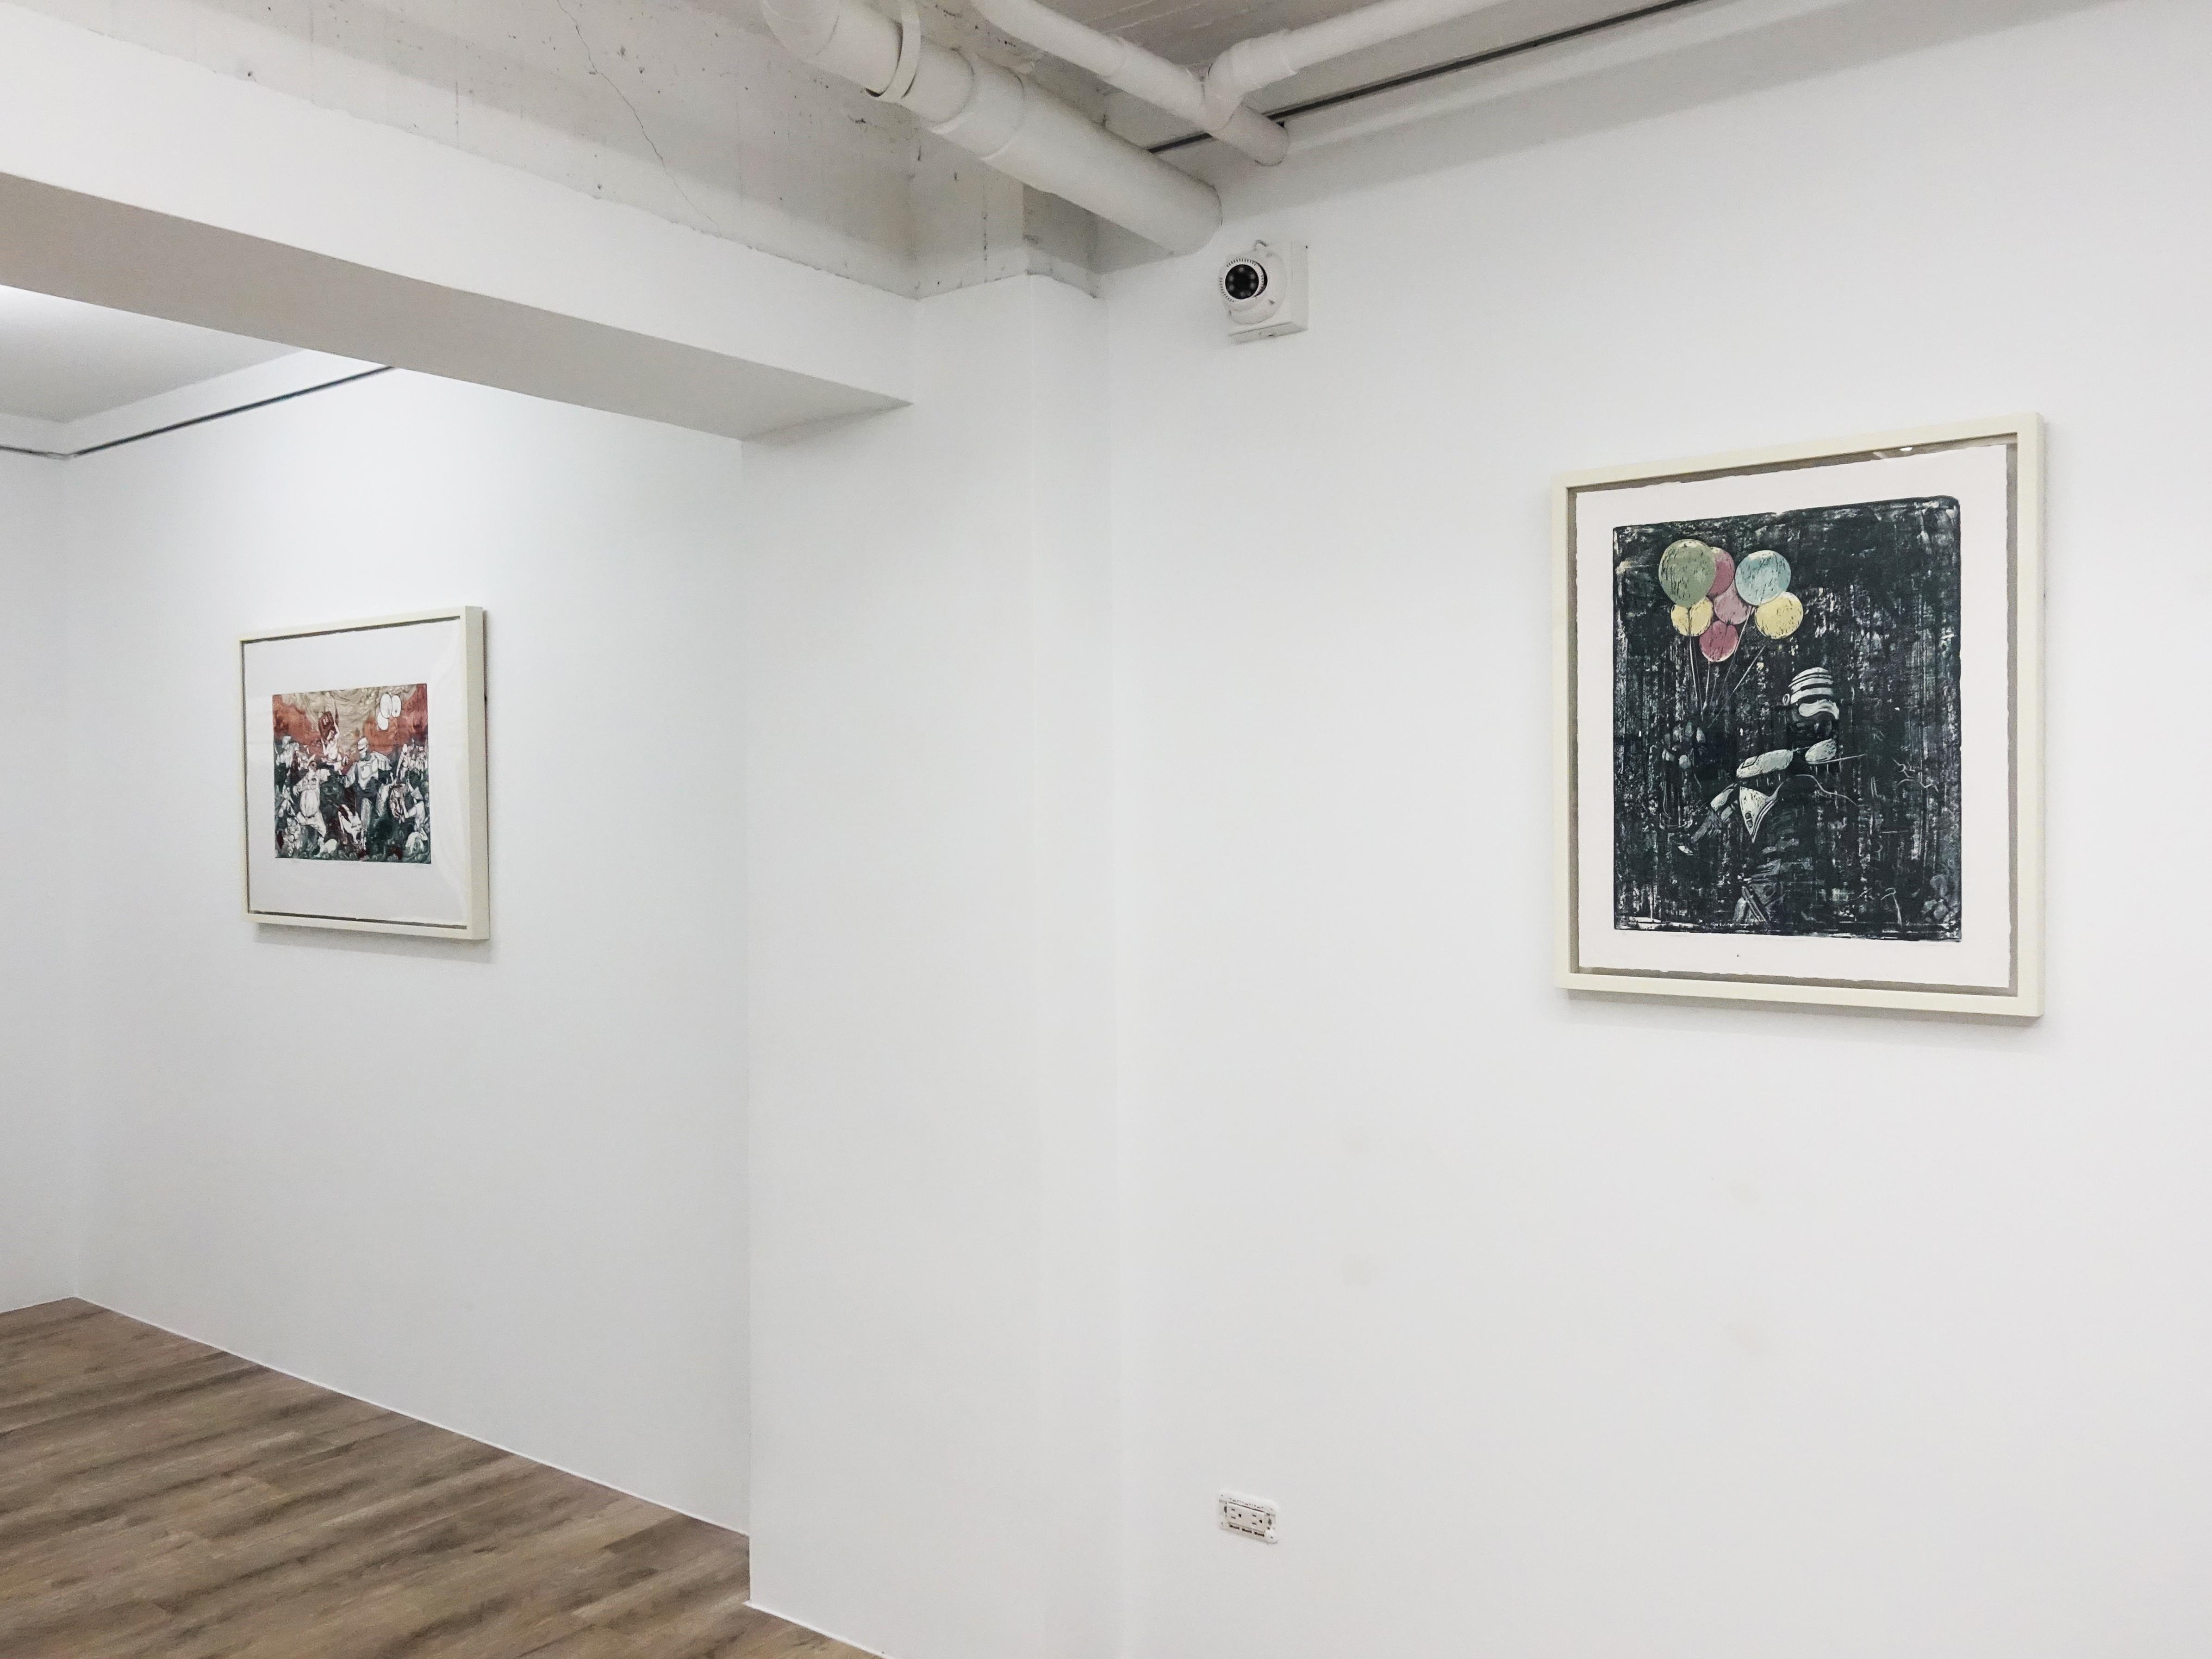 印尼藝術家錫吉特・拉馬丹個展 「紅翼之牆」於十方藝術空間展出。